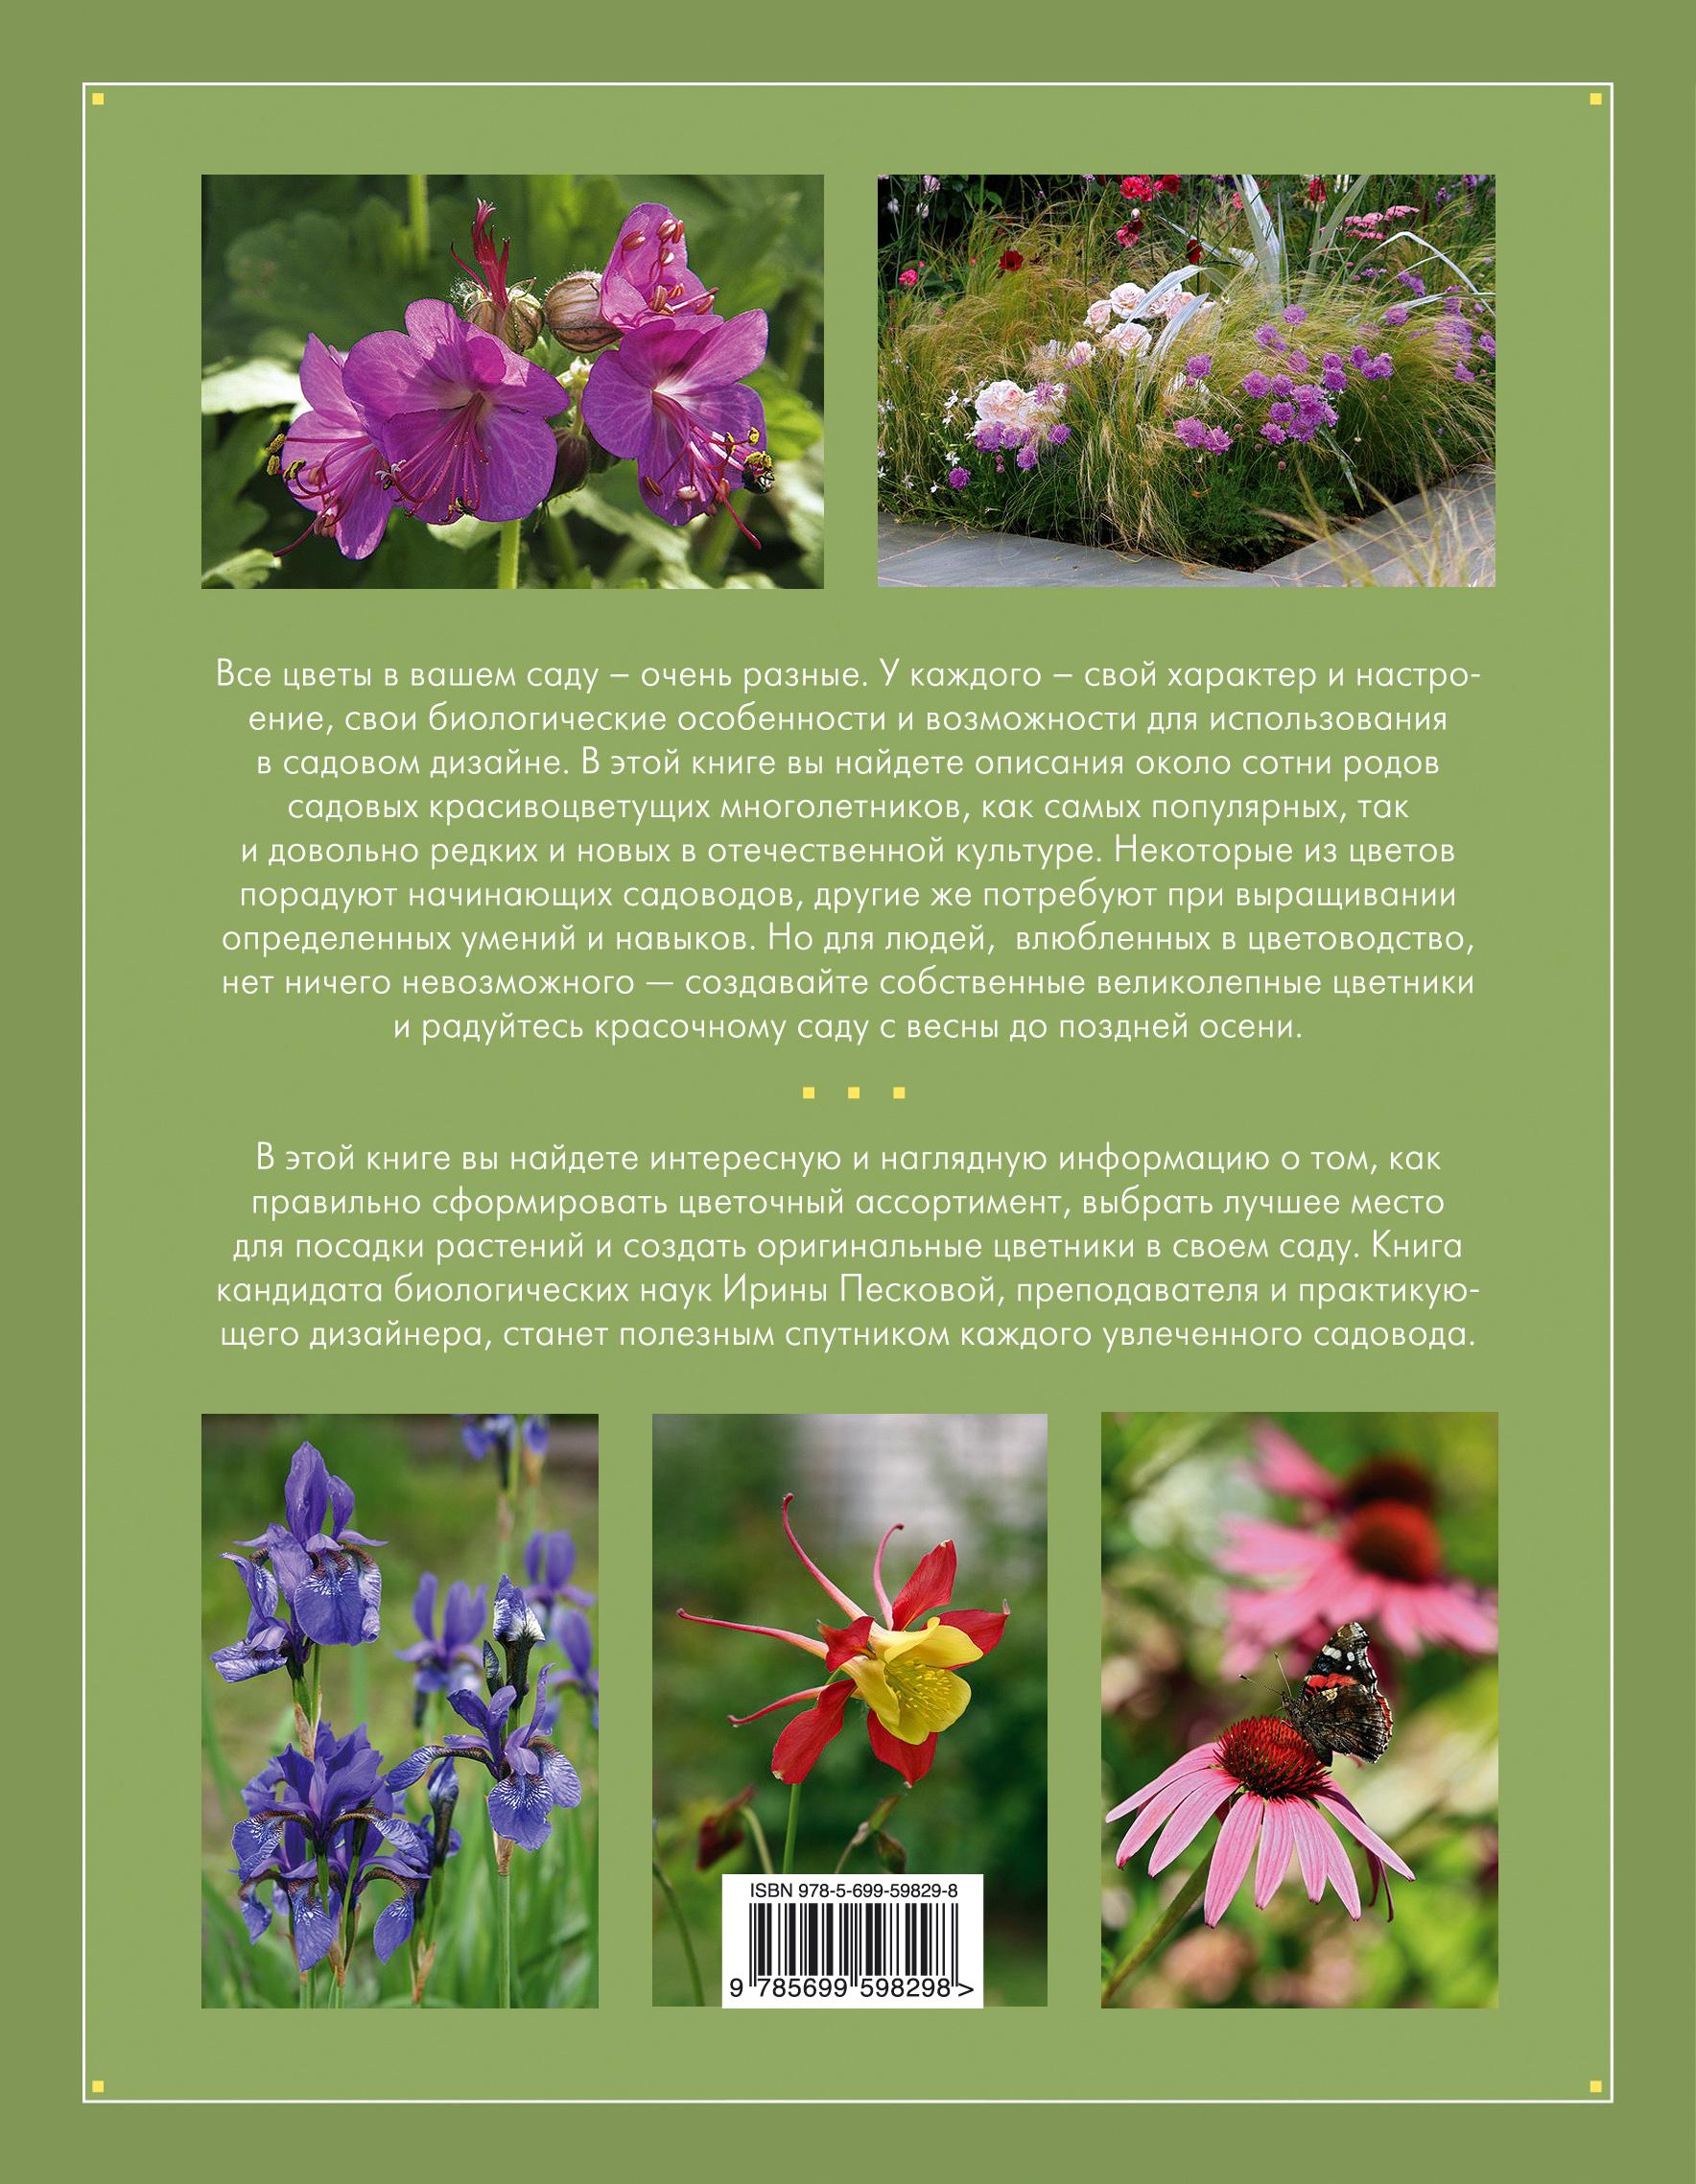 Садовые цветы и их описание